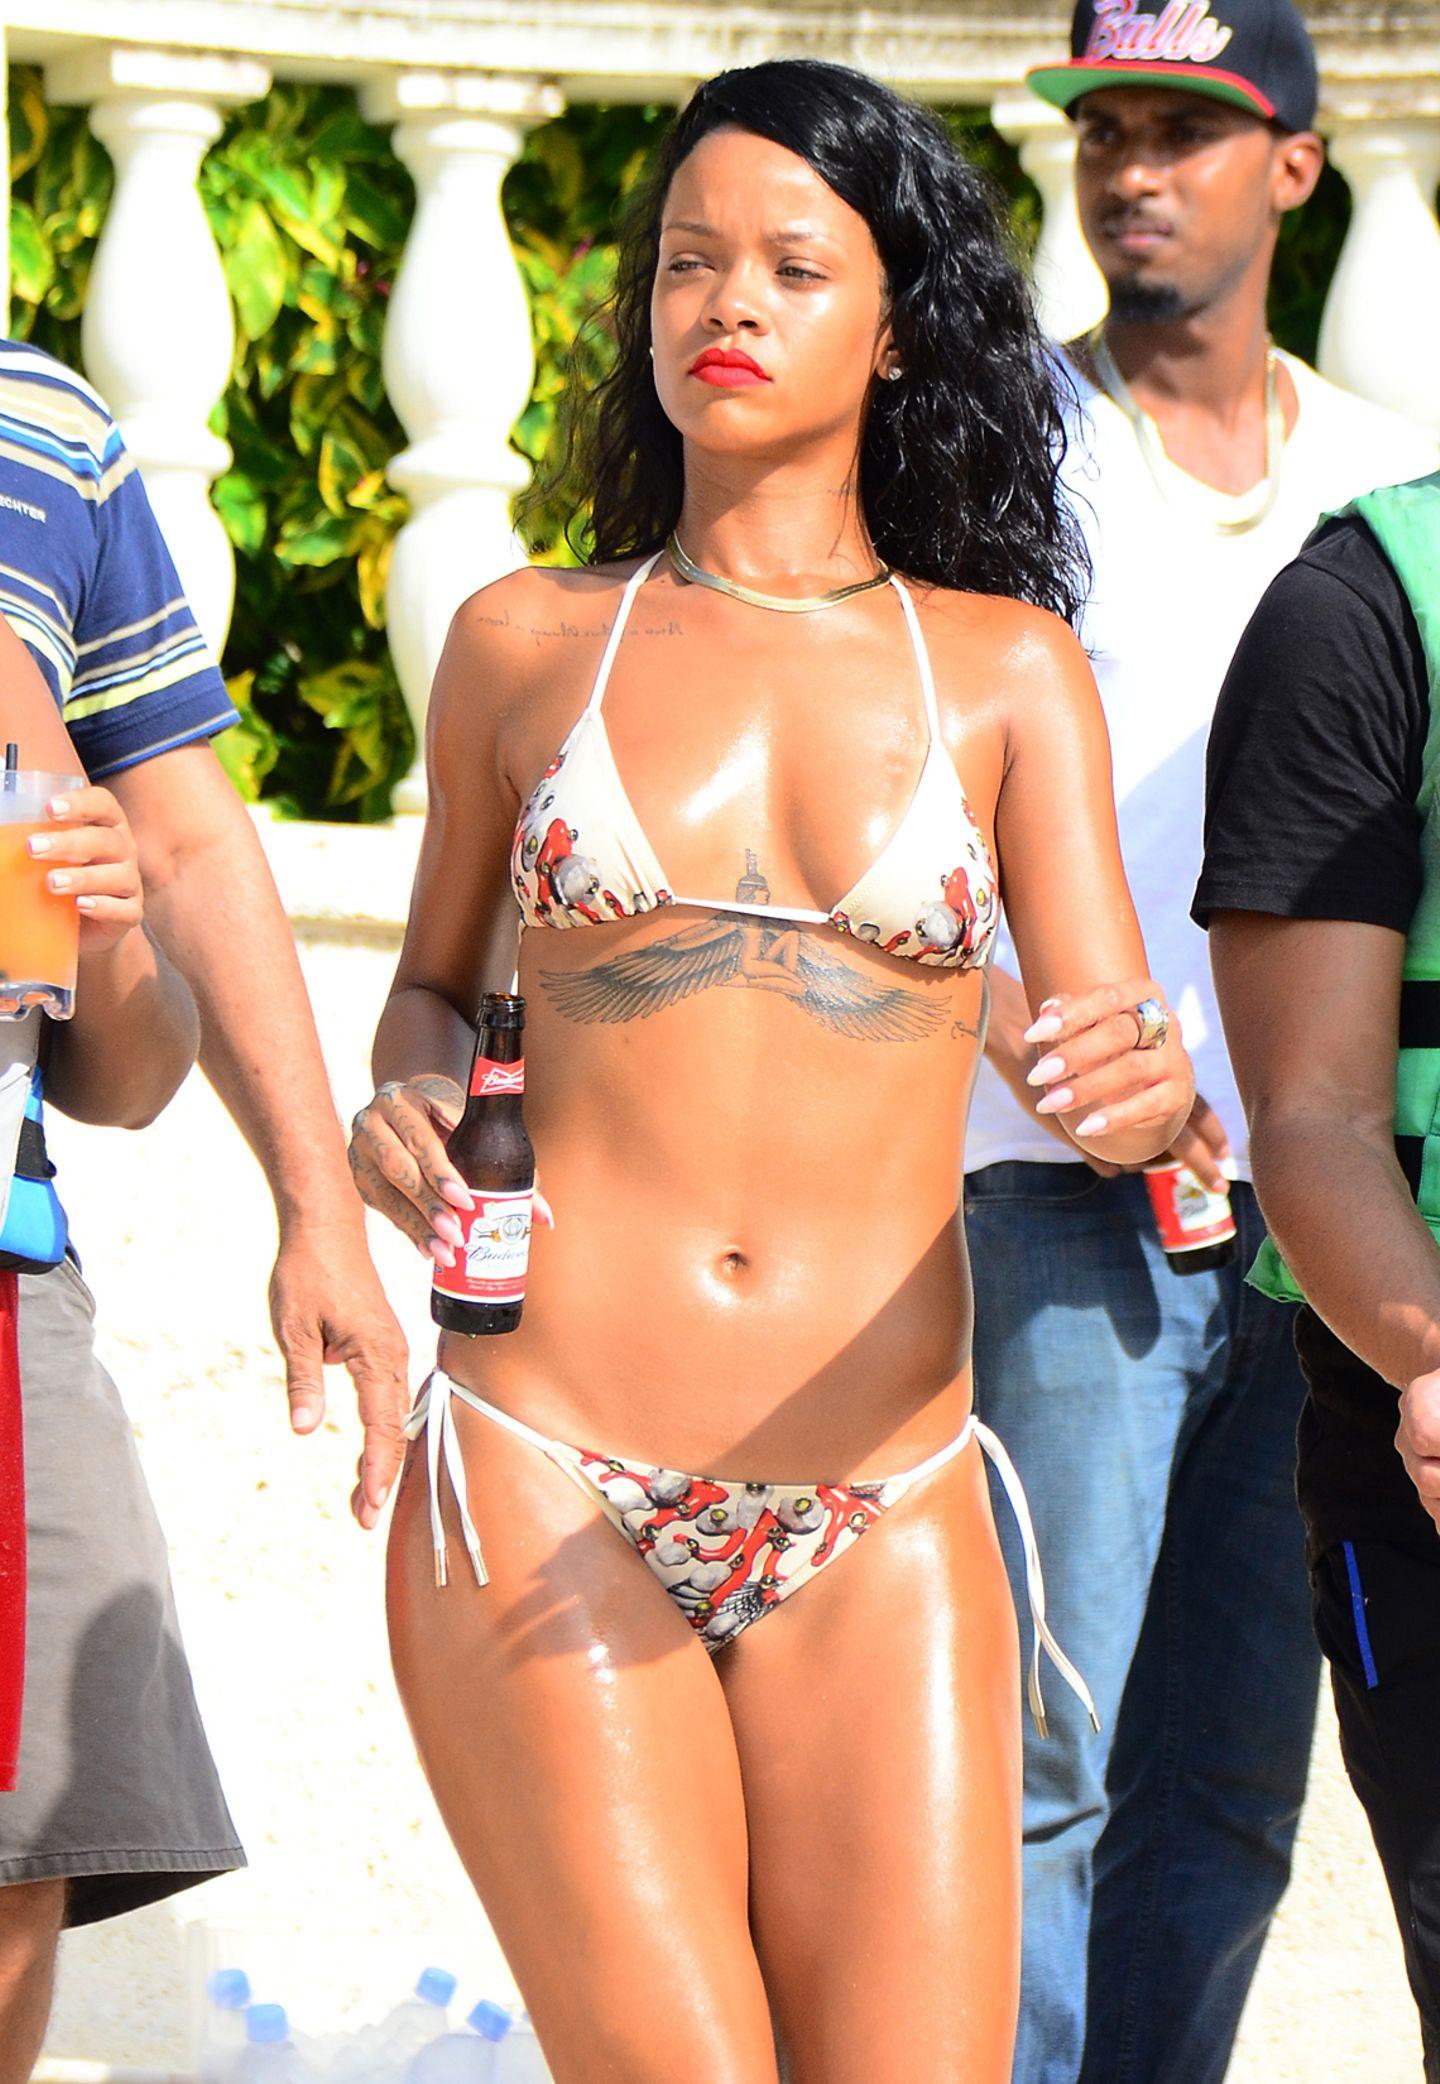 Auch ein knalliger Lippenstift darf für Rihanna am Strand nicht fehlen. Zu ihrem weißen Bikini mit rotem Muster wählt die 26-Jährige ein knalliges Rot auf den Lippen.